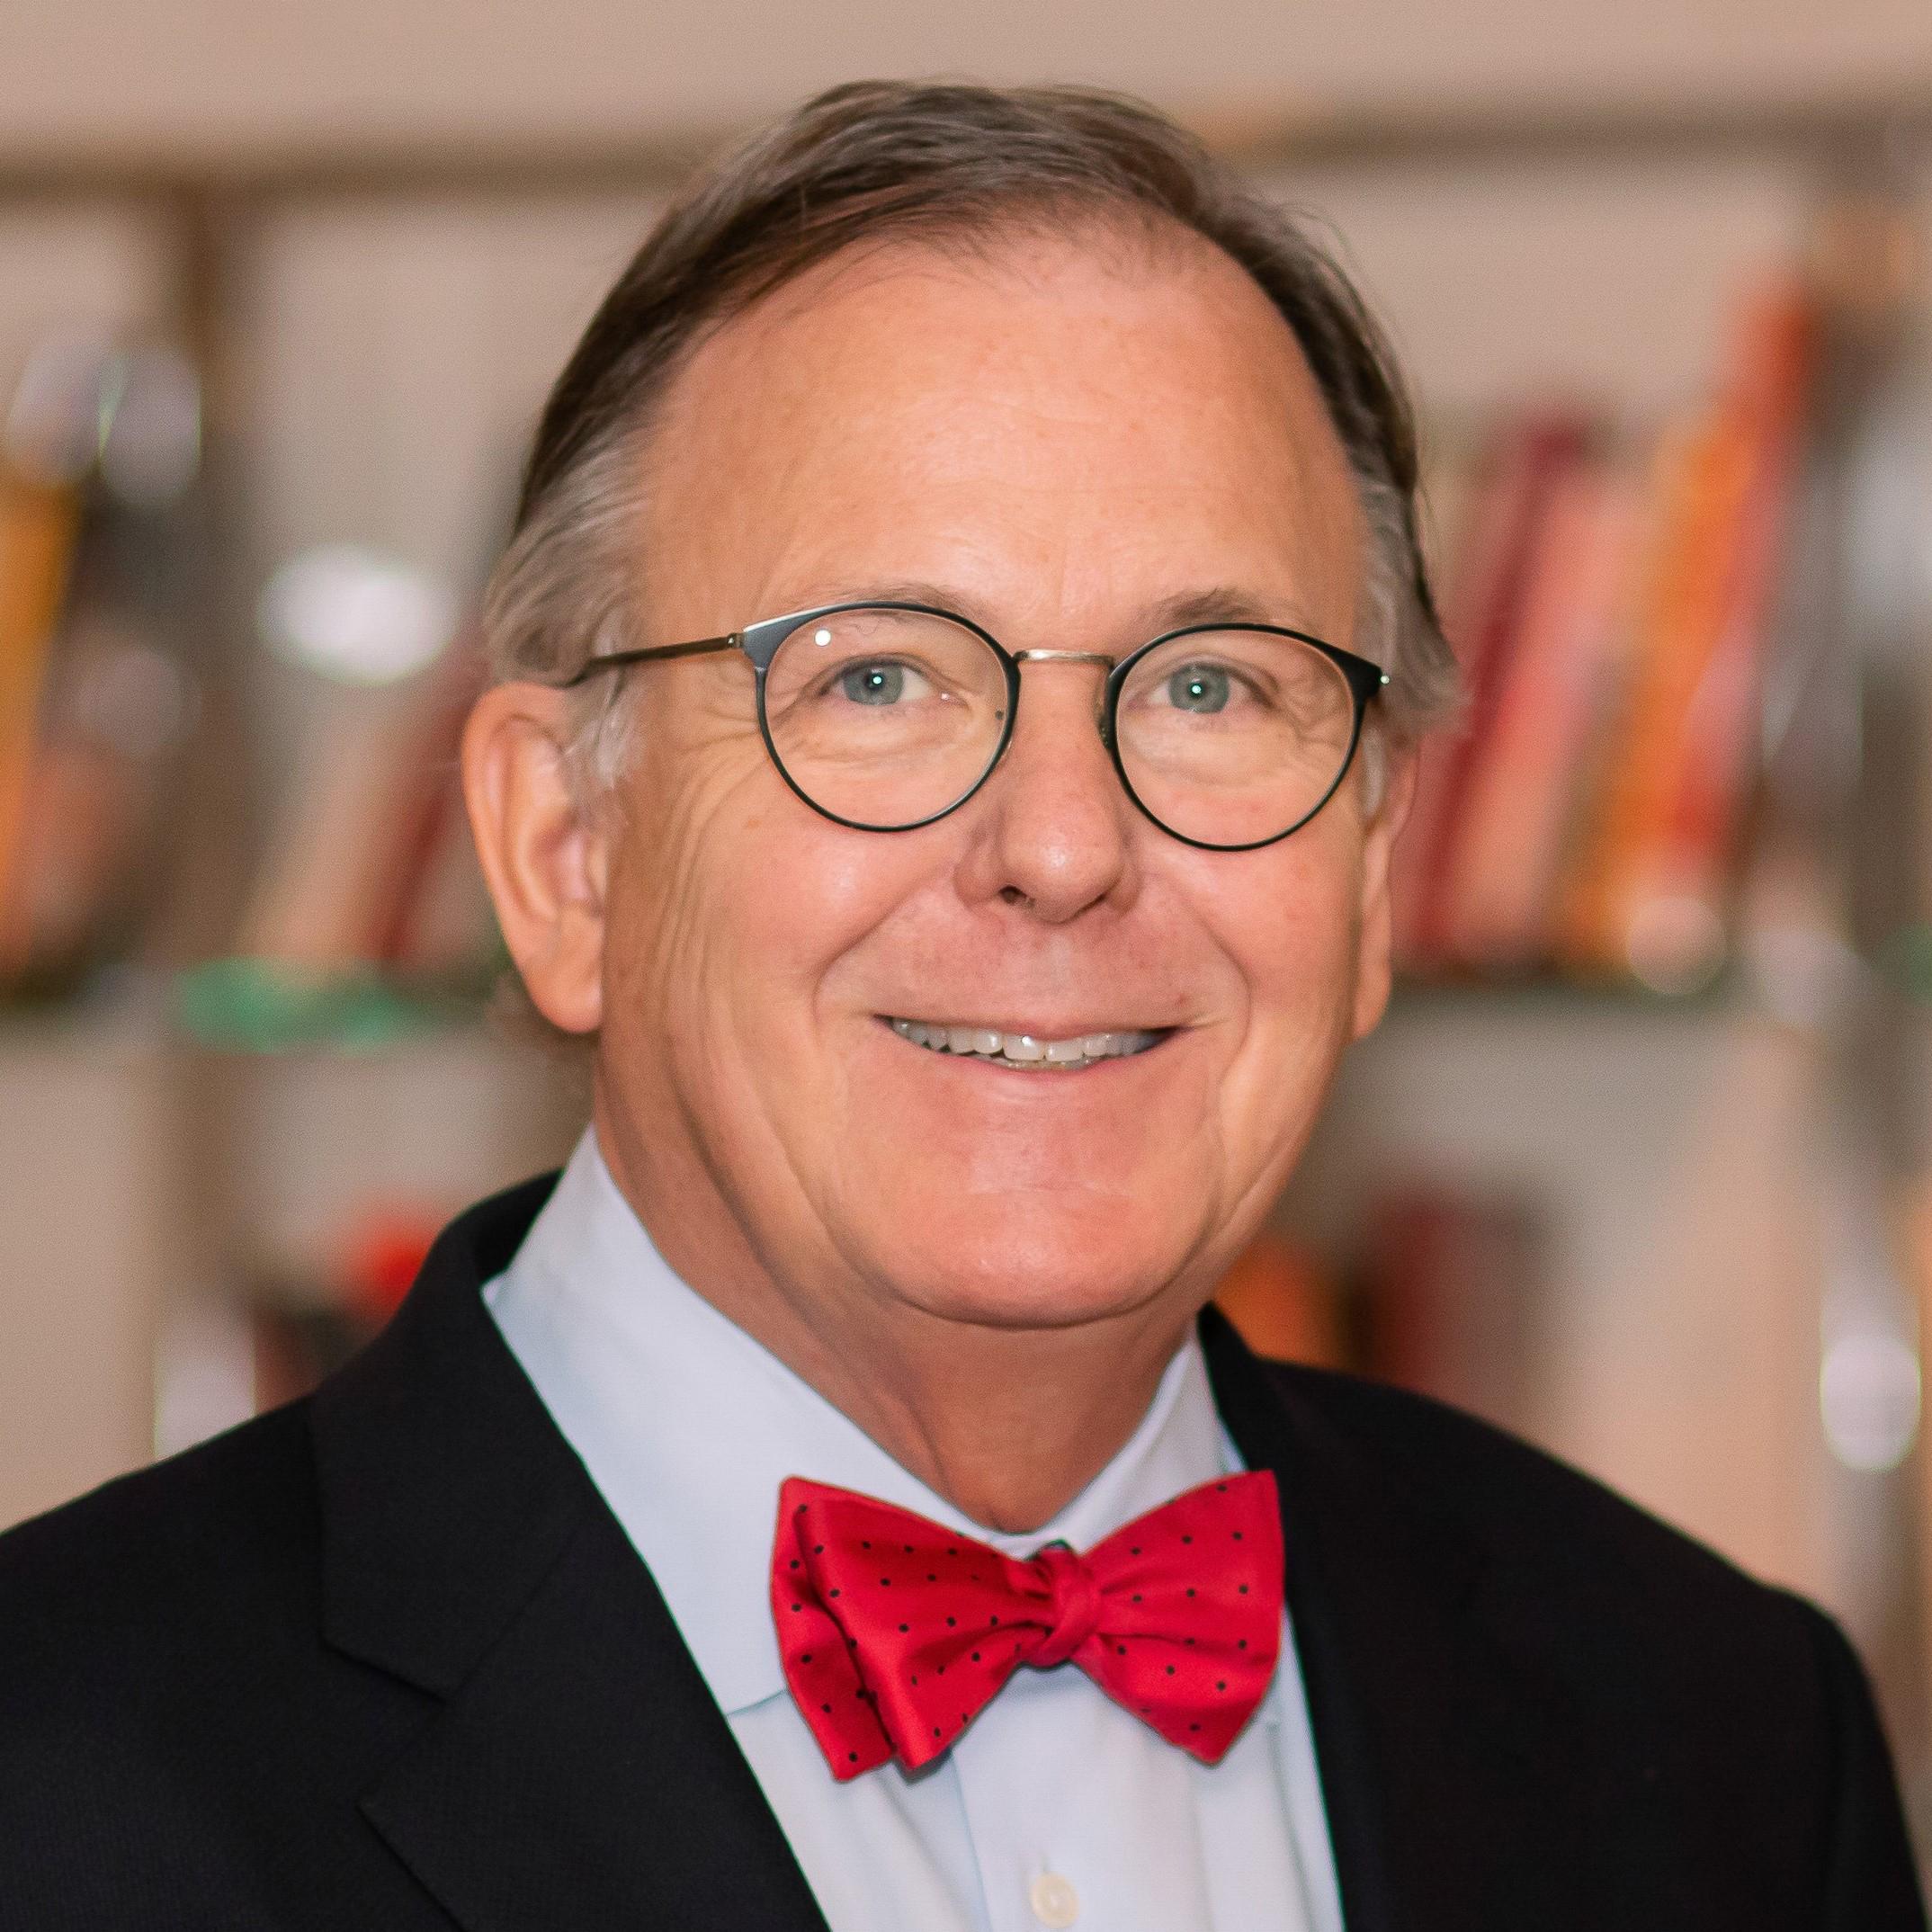 Doug Reeves